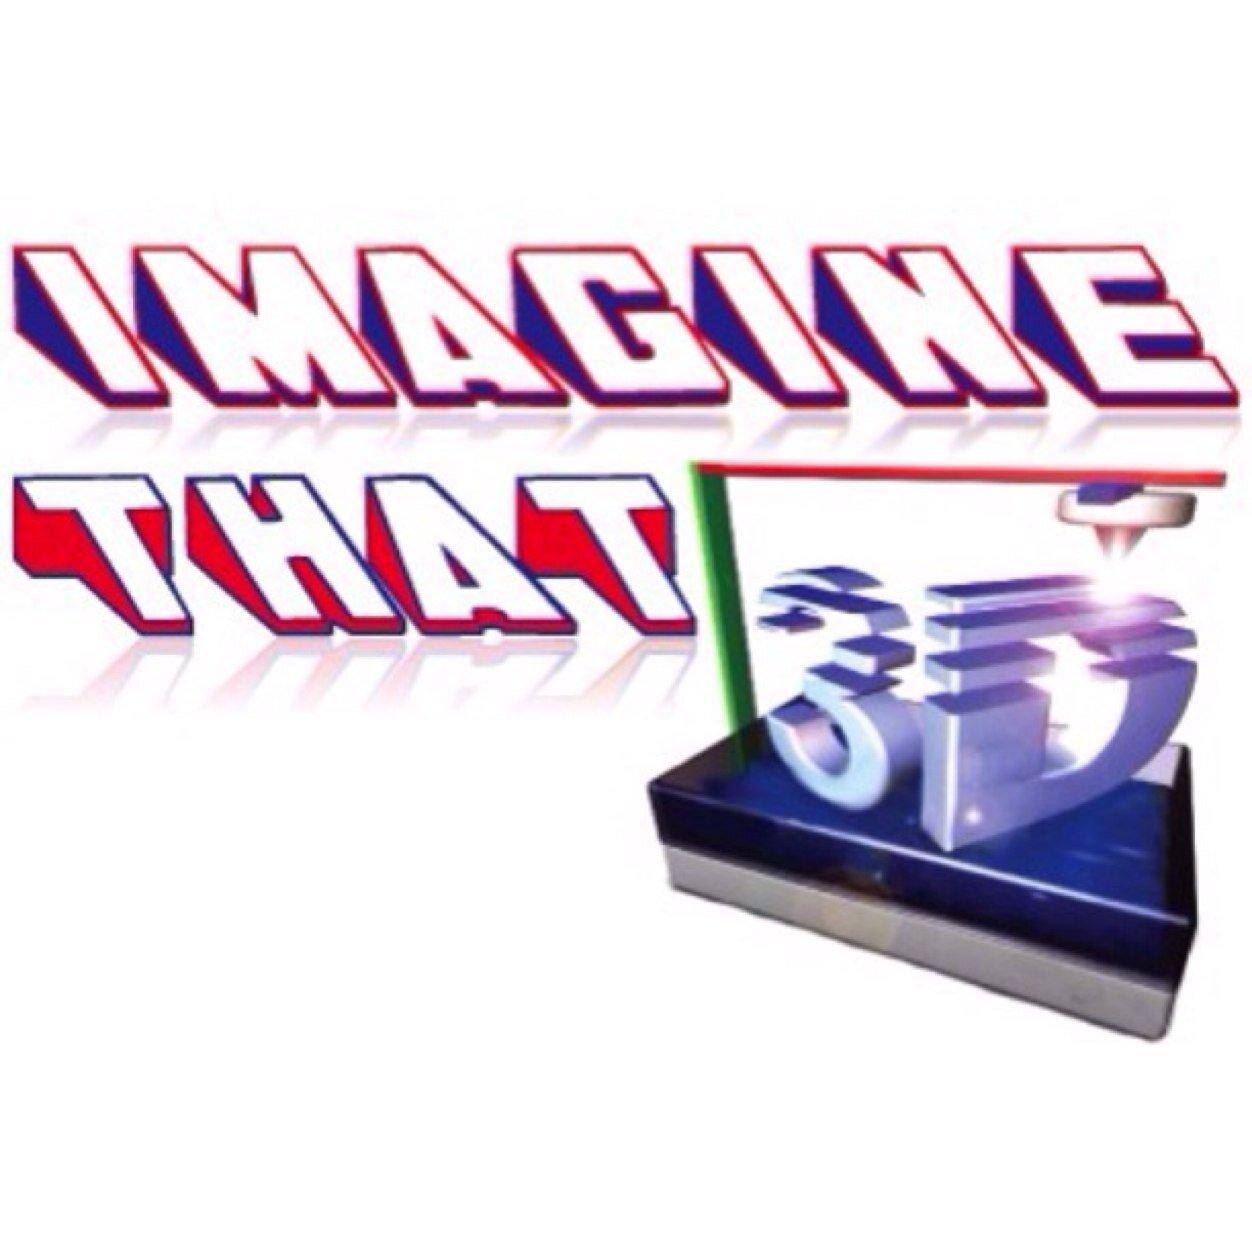 Imagine That 3D